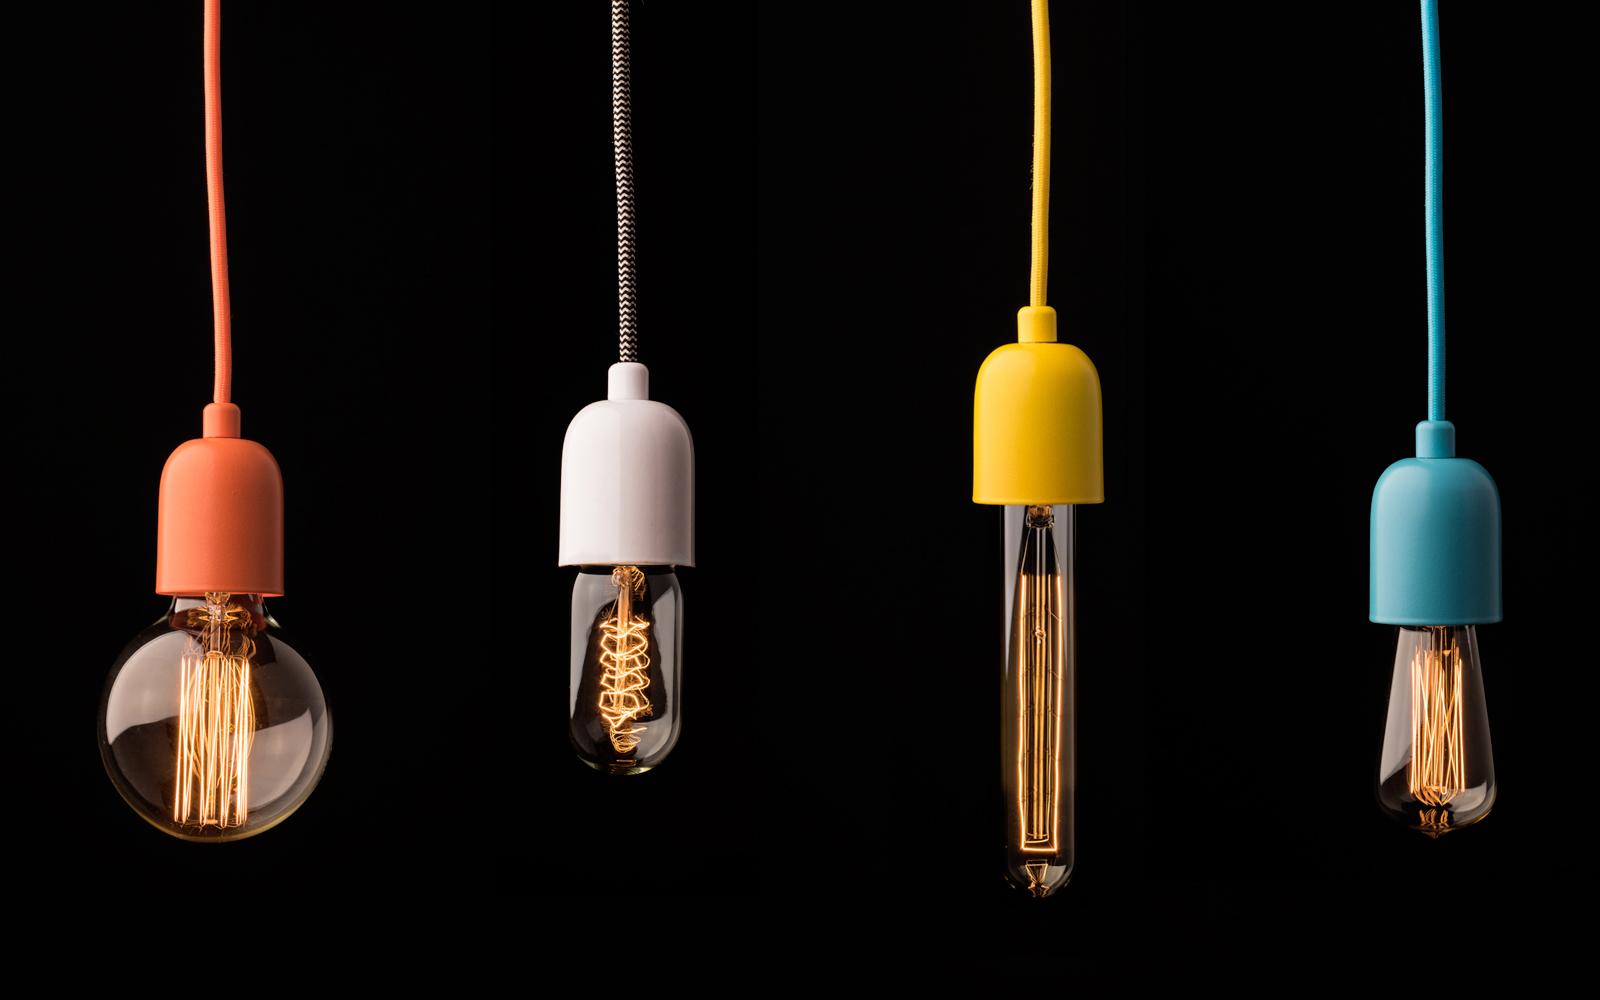 Plug In Pendant Light Nz - Pendant Design Ideas